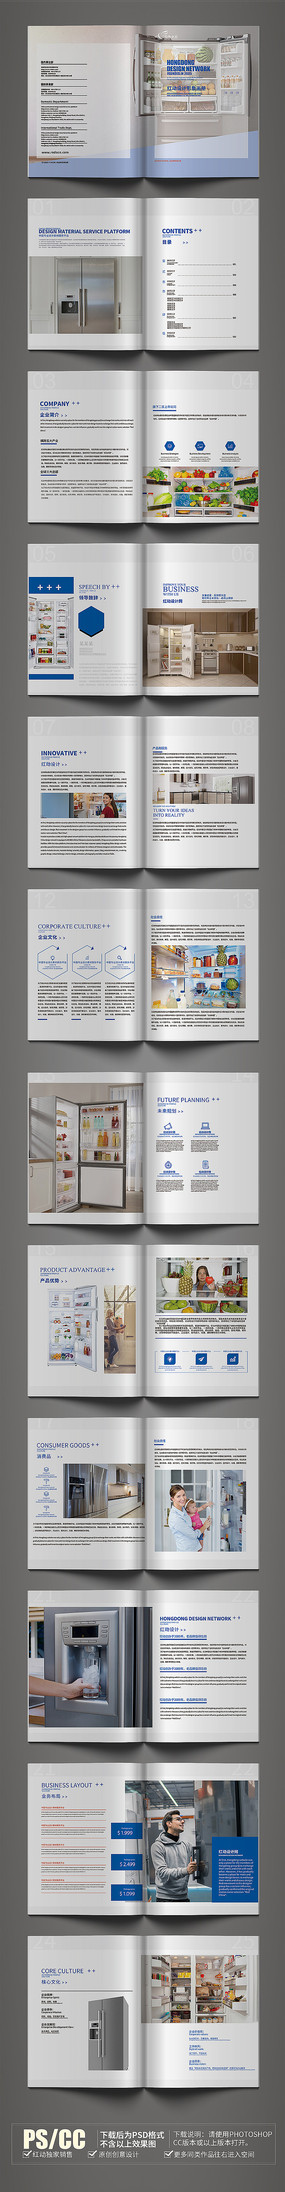 高端产品介绍冰箱画册模板设计